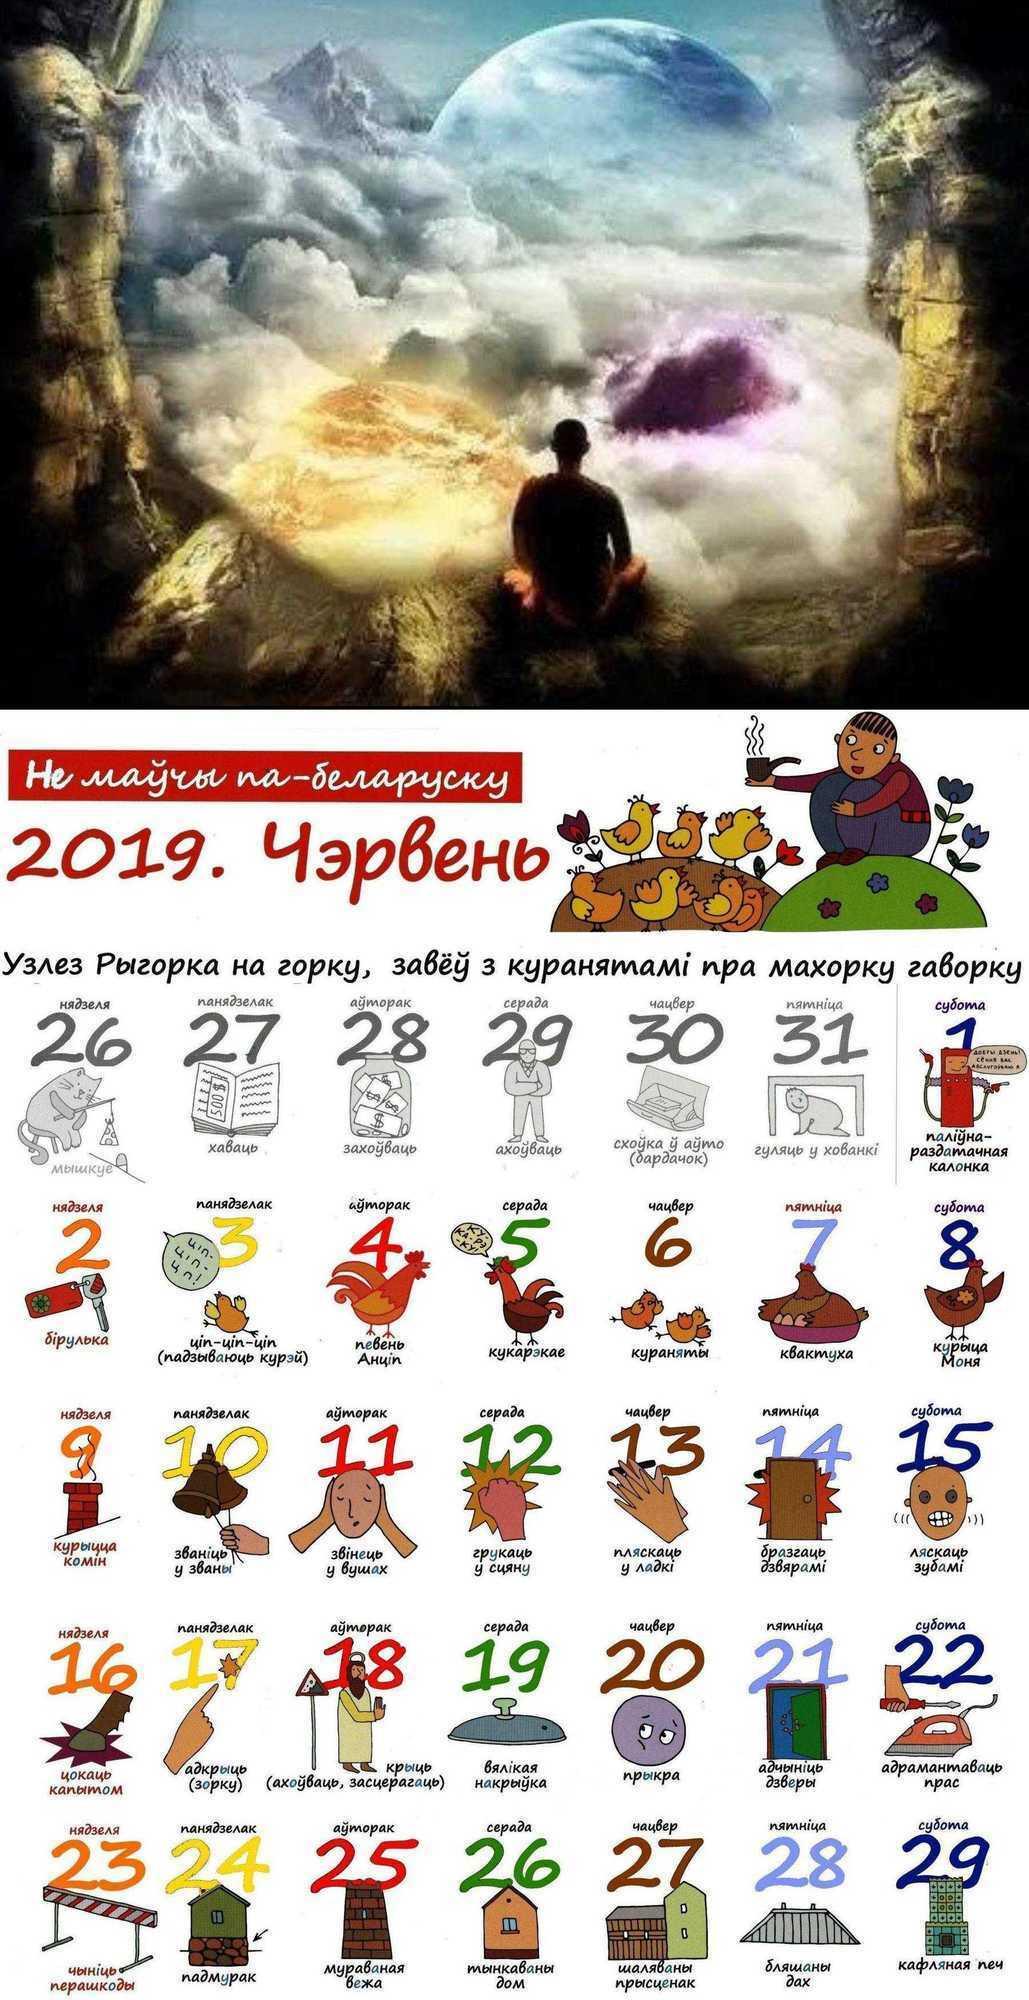 *** астро-прогноз на июнь-червень 2019 года — мастер Тантра-Джйотиш «Ведическая астрология» Антон Кузнецов ***